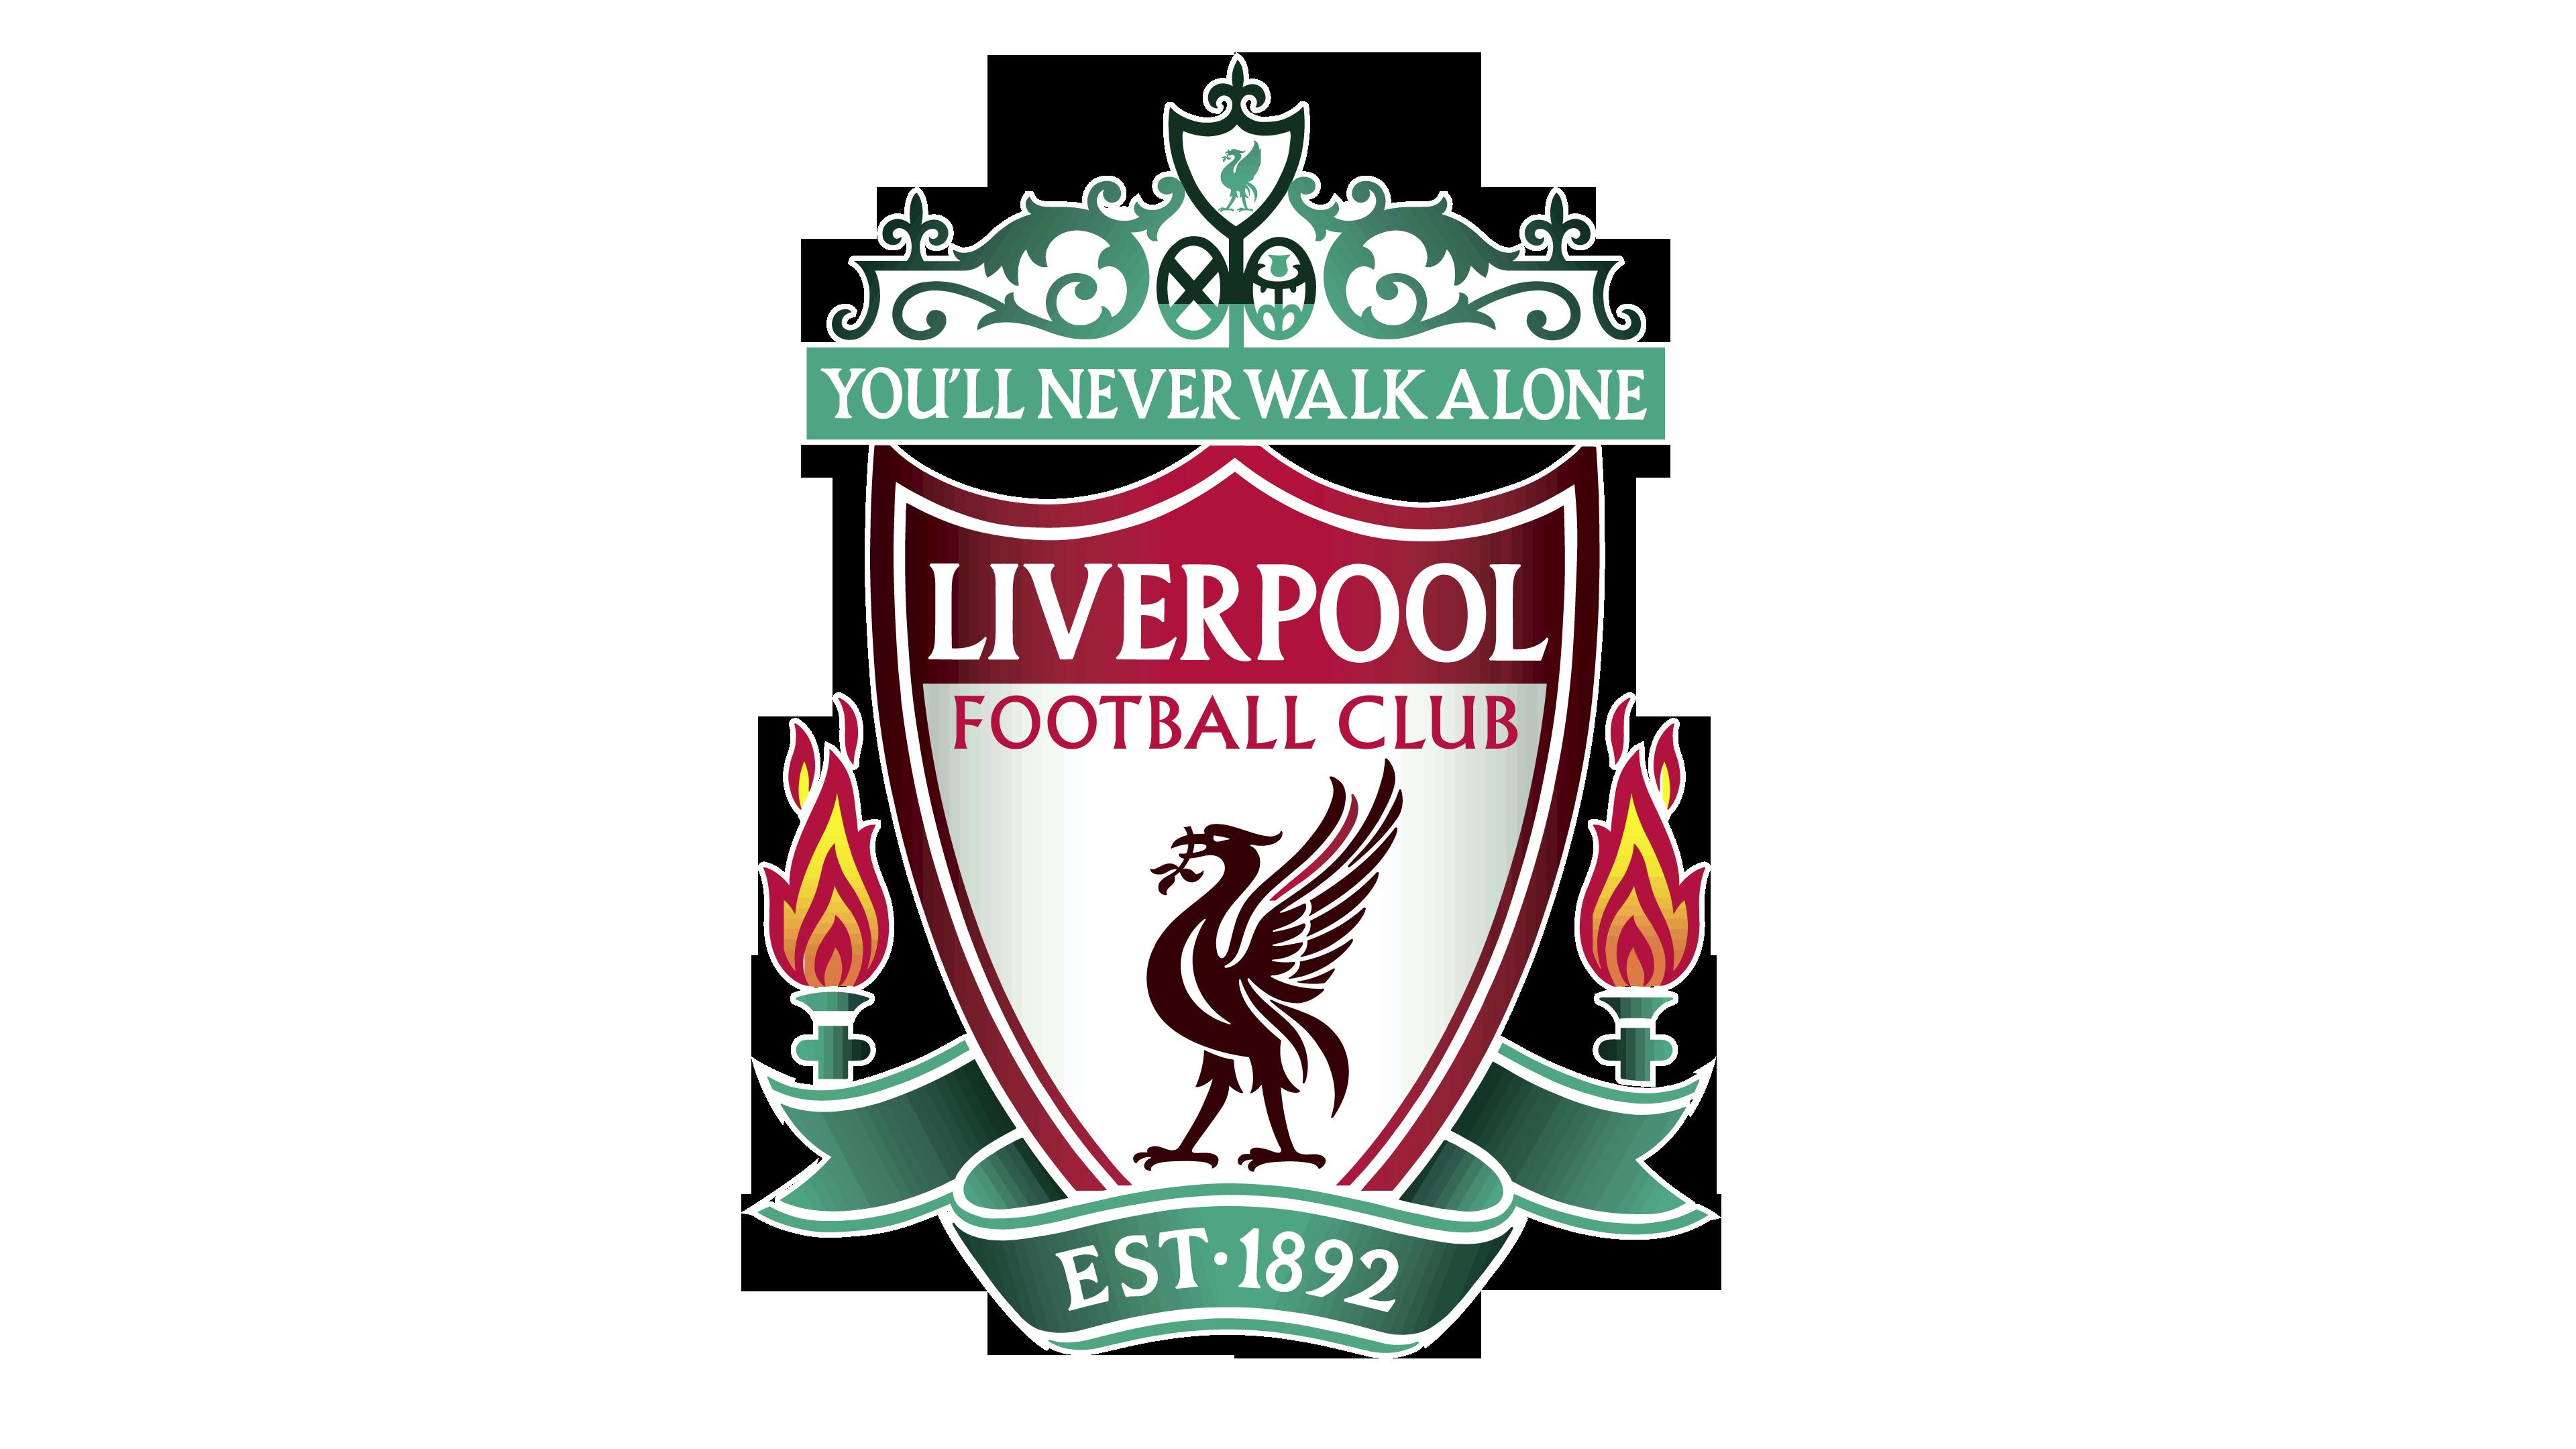 Télécharger stock logo liverpool png, transparent gratuitement